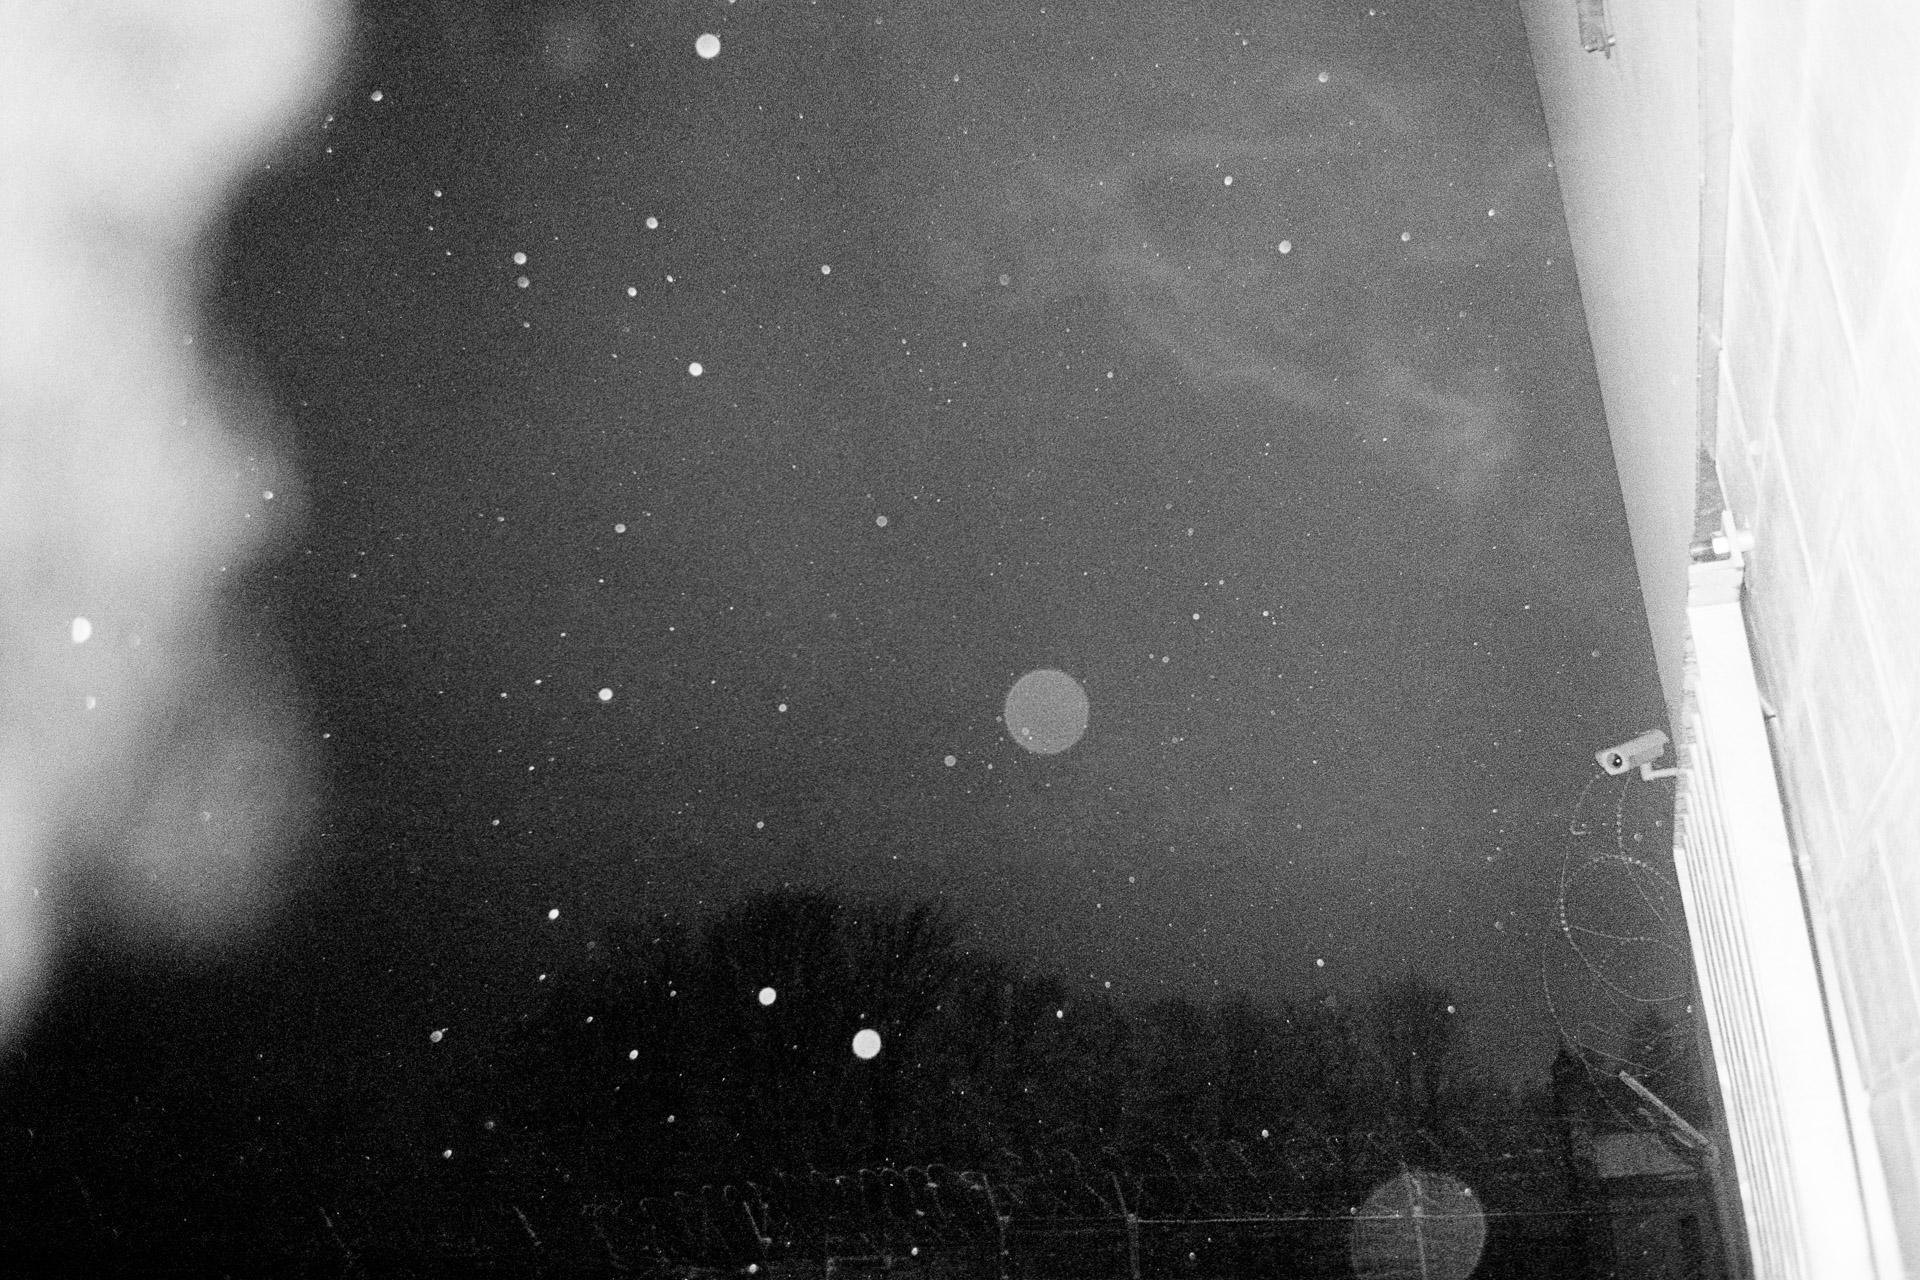 After serving a long sentence, some worry about their release. To prepare for it, they are assisted by an adviser for one year. Certains sont inquiets de leur sortie après avoir passé une longue peine enfermé. Pour la préparer, ils sont accompagnés pendant une année en vue de leur resocialisation par un référent qui les a déjà rencontré lorsqu'ils étaient enfermés. © O / Jérémie Jung